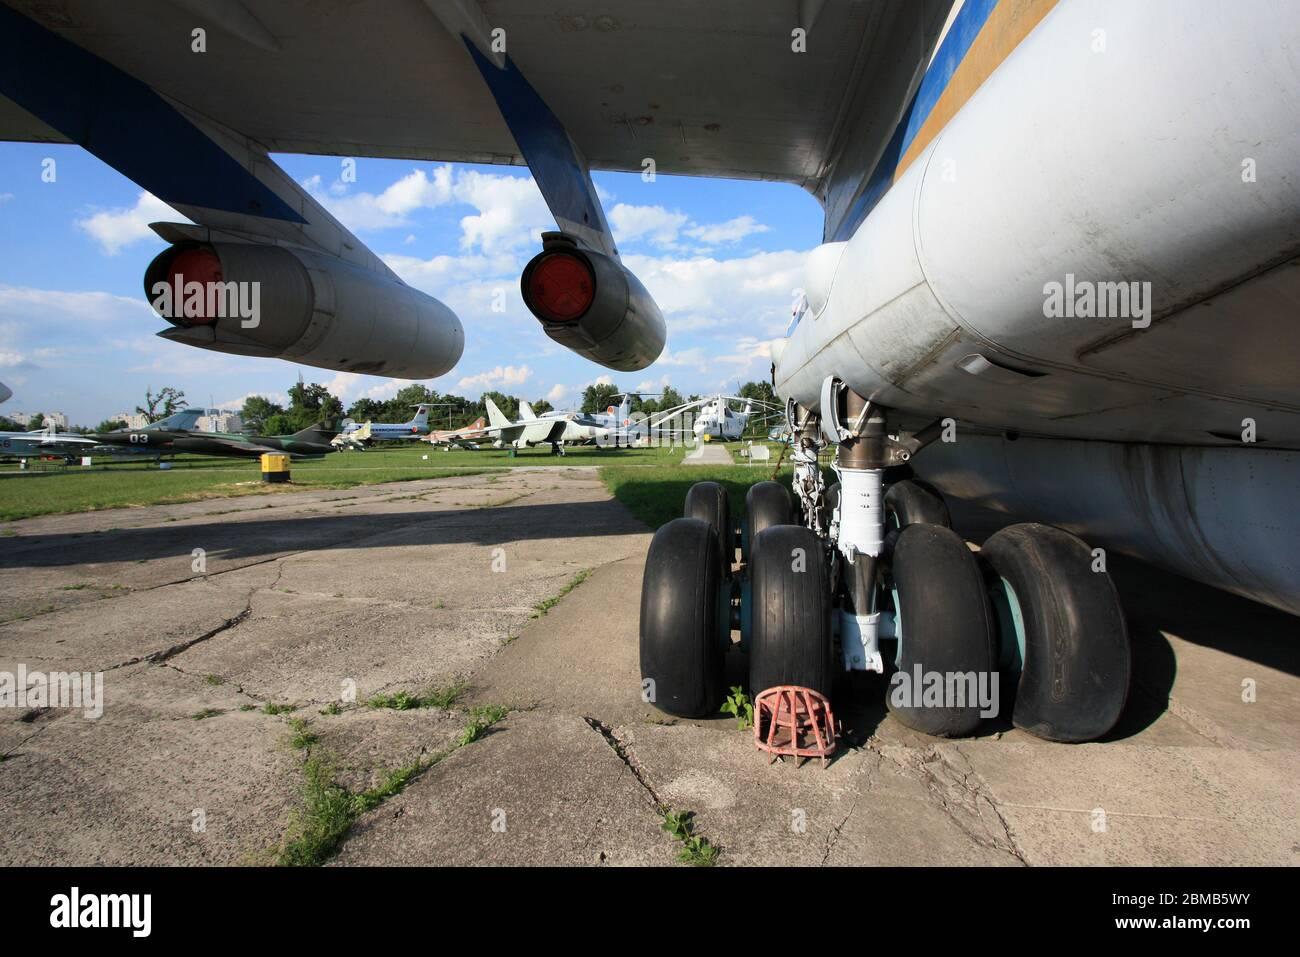 Vier Turbofan Stockfotos und bilder Kaufen Alamy